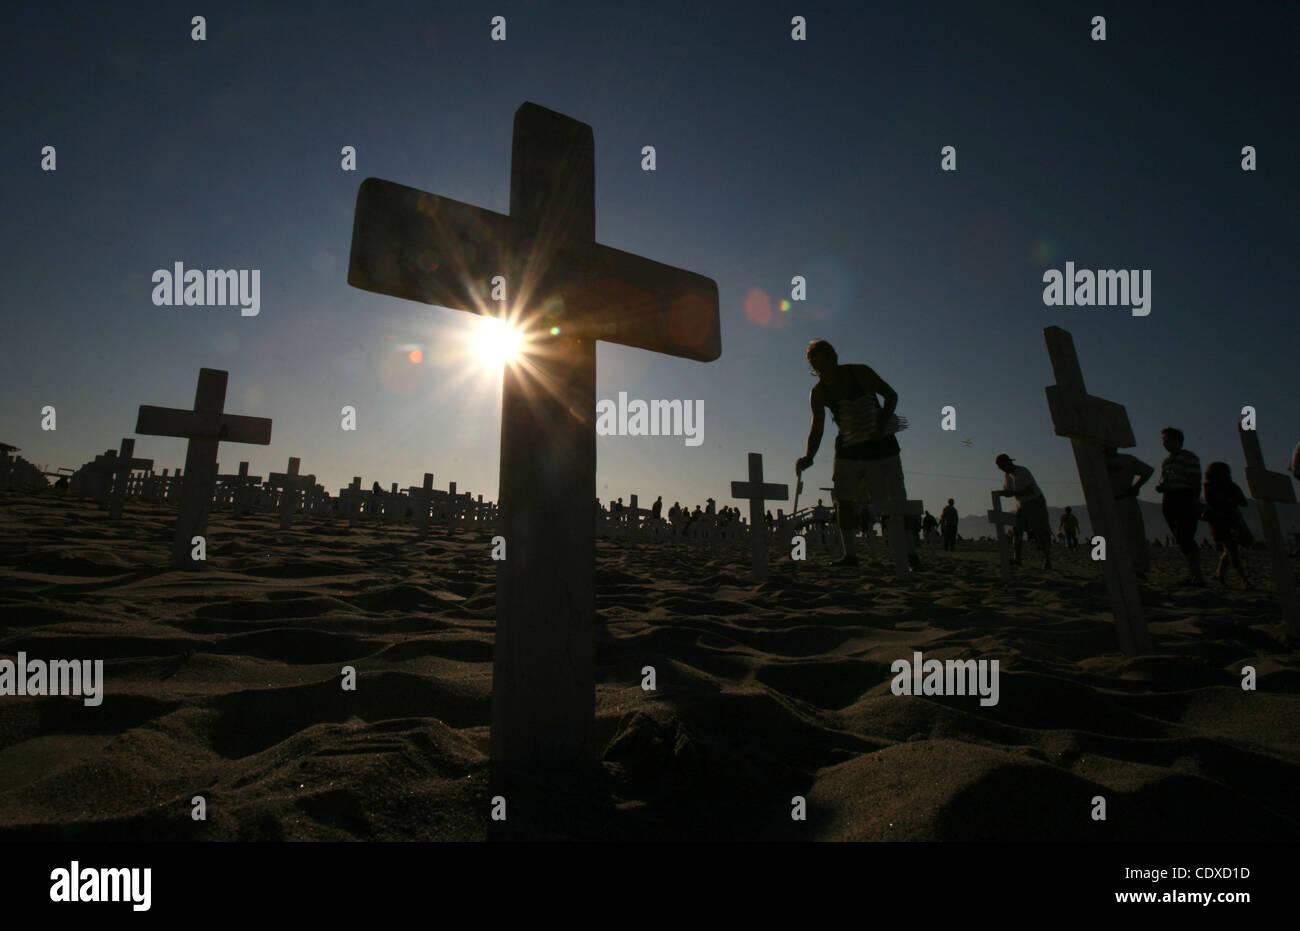 Oct. 9, 2011 - Los Angeles, California, U.S. - Crosses at the Arlington West War memorial in Santa Monica, California - Stock Image